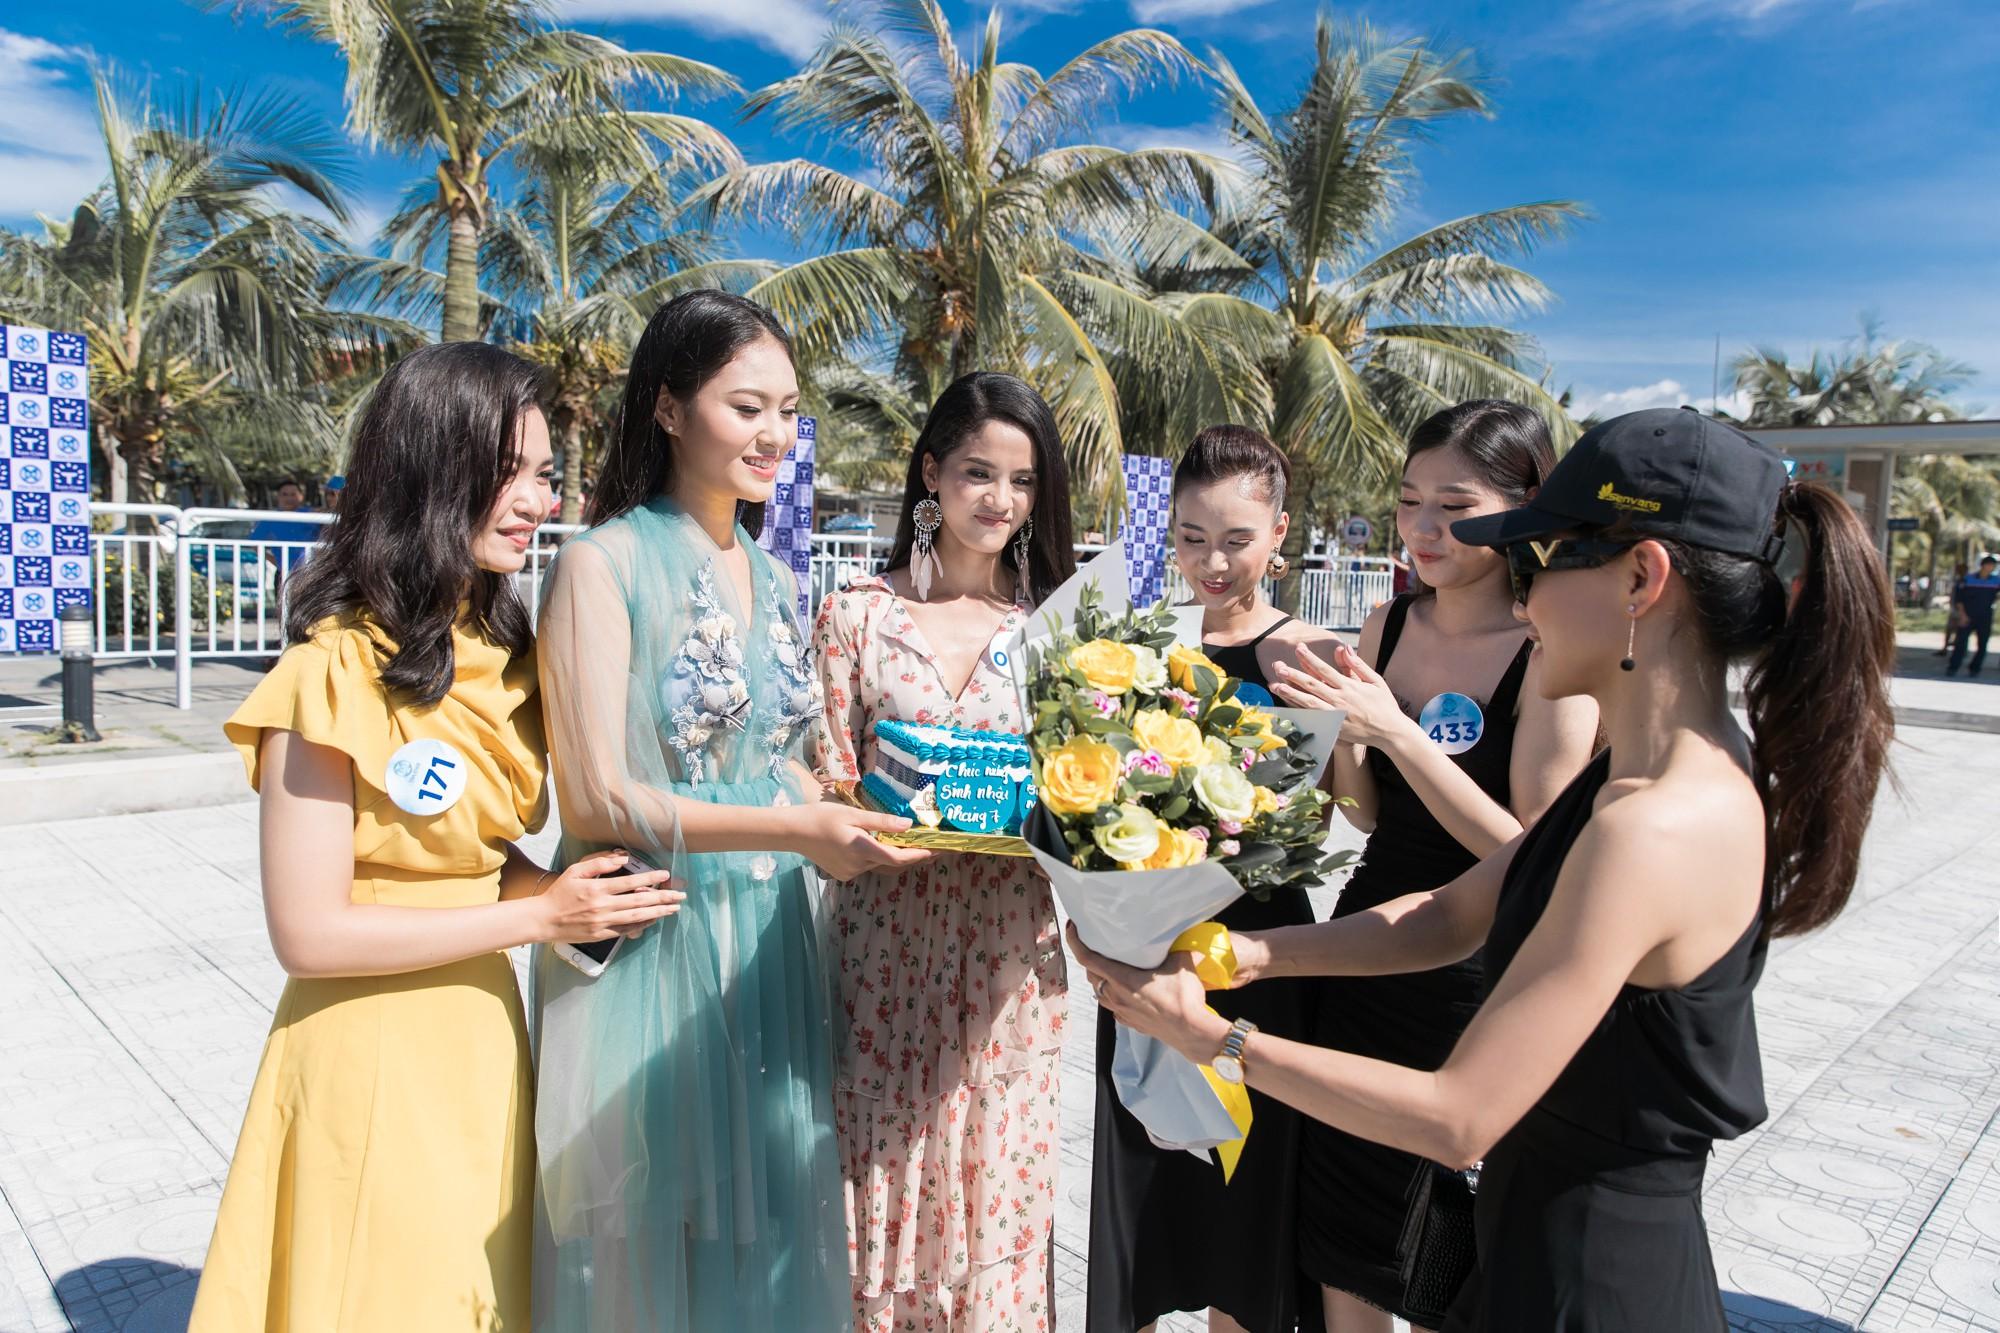 Sau tin đồn có bạn trai, Đỗ Mỹ Linh tươi tắn xuất hiện đồng hành cùng thí sinh Miss World Việt trước đêm thi quan trọng - Ảnh 9.